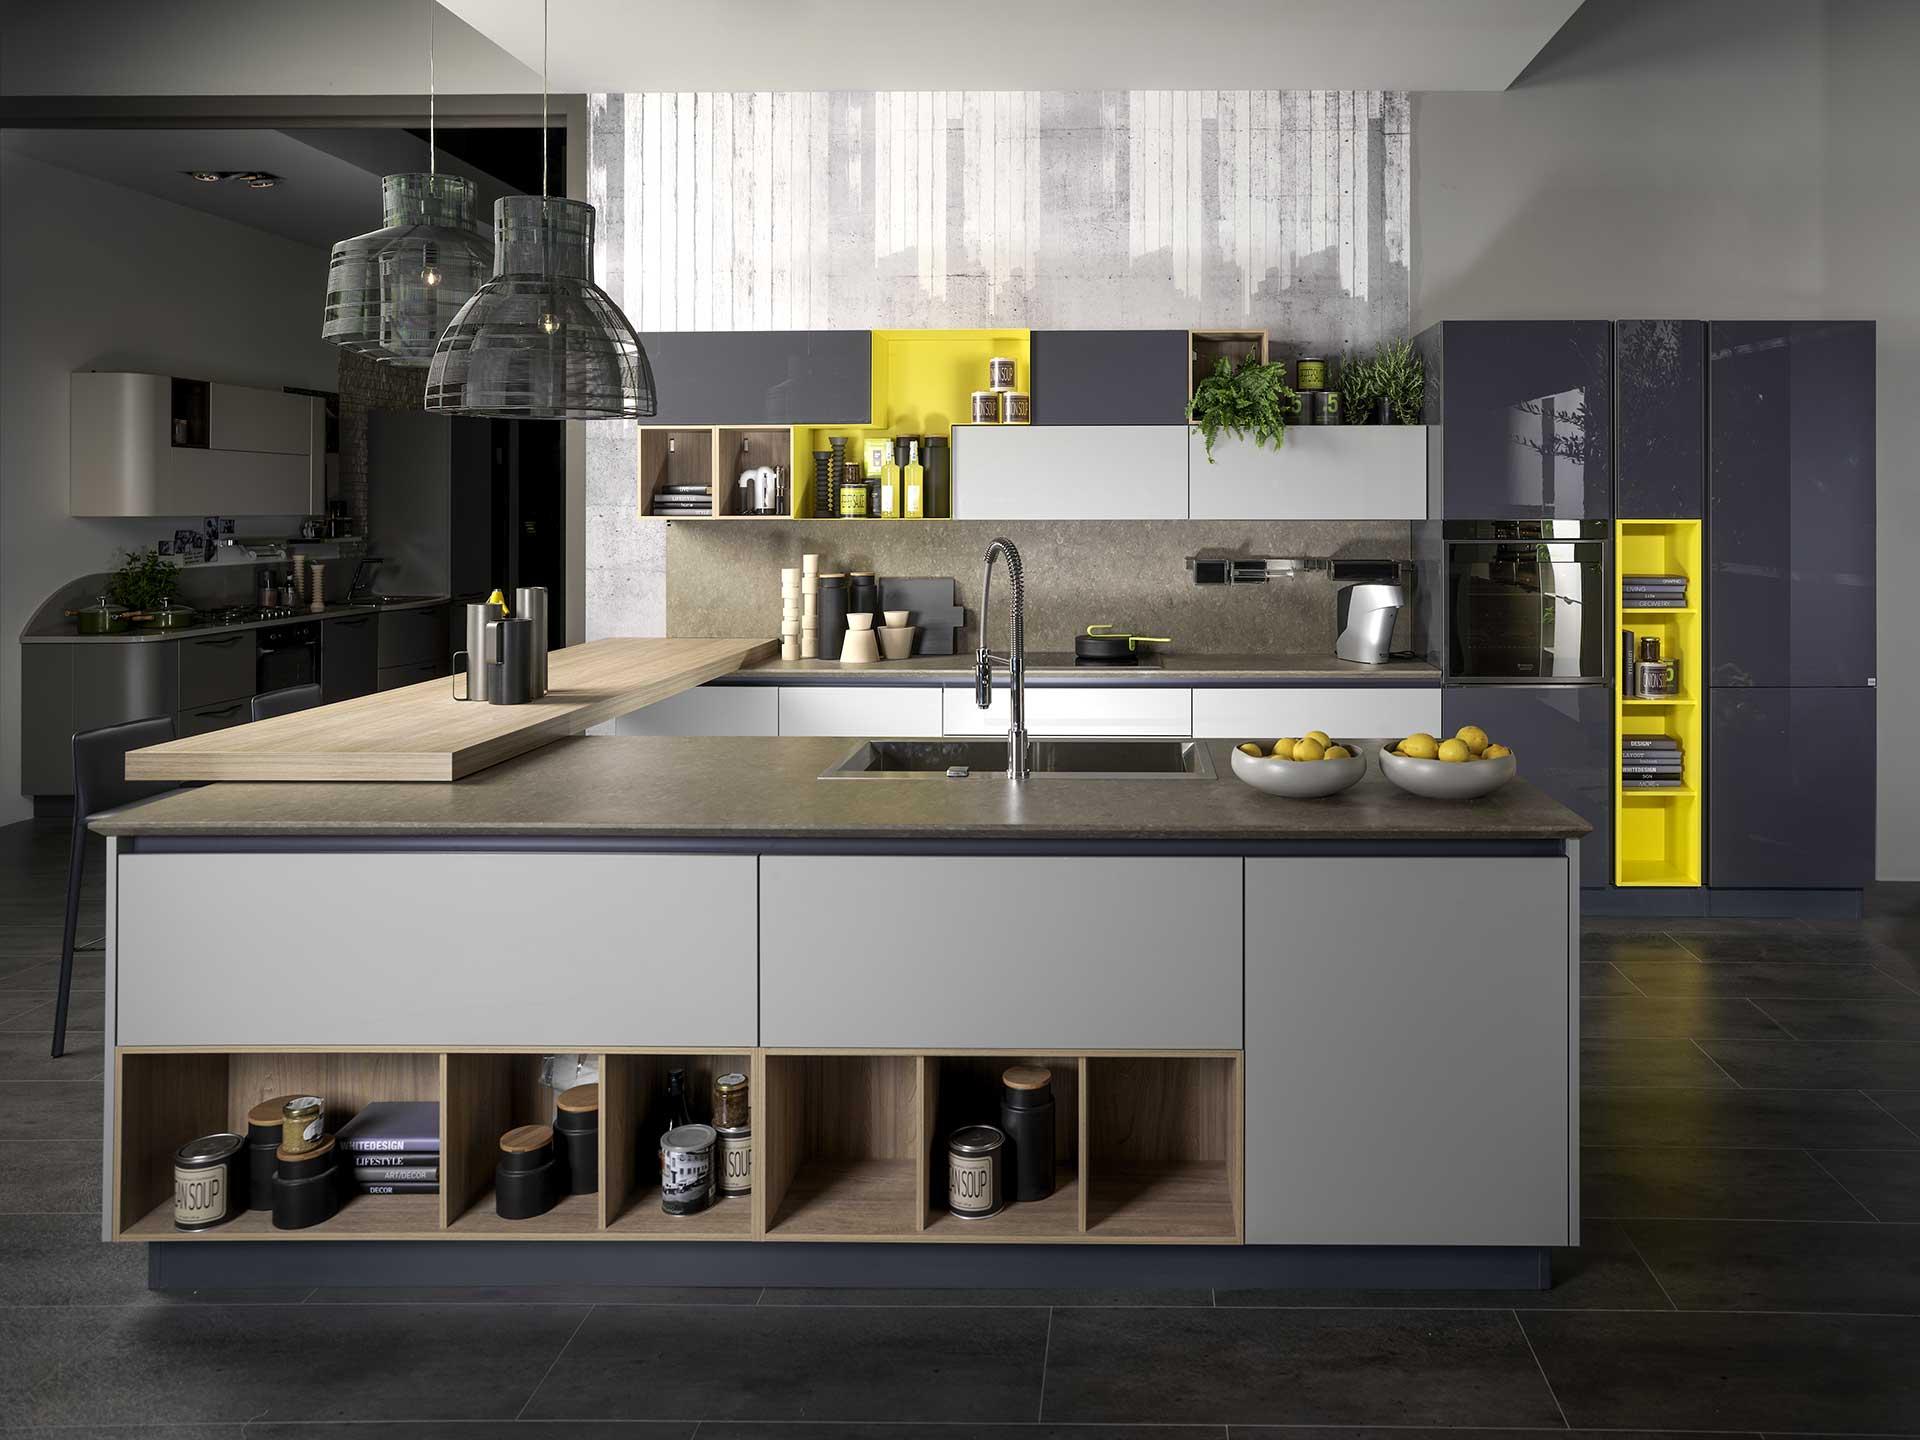 Malafronte home living arredamenti cucine for Isola attrezzata per cucina